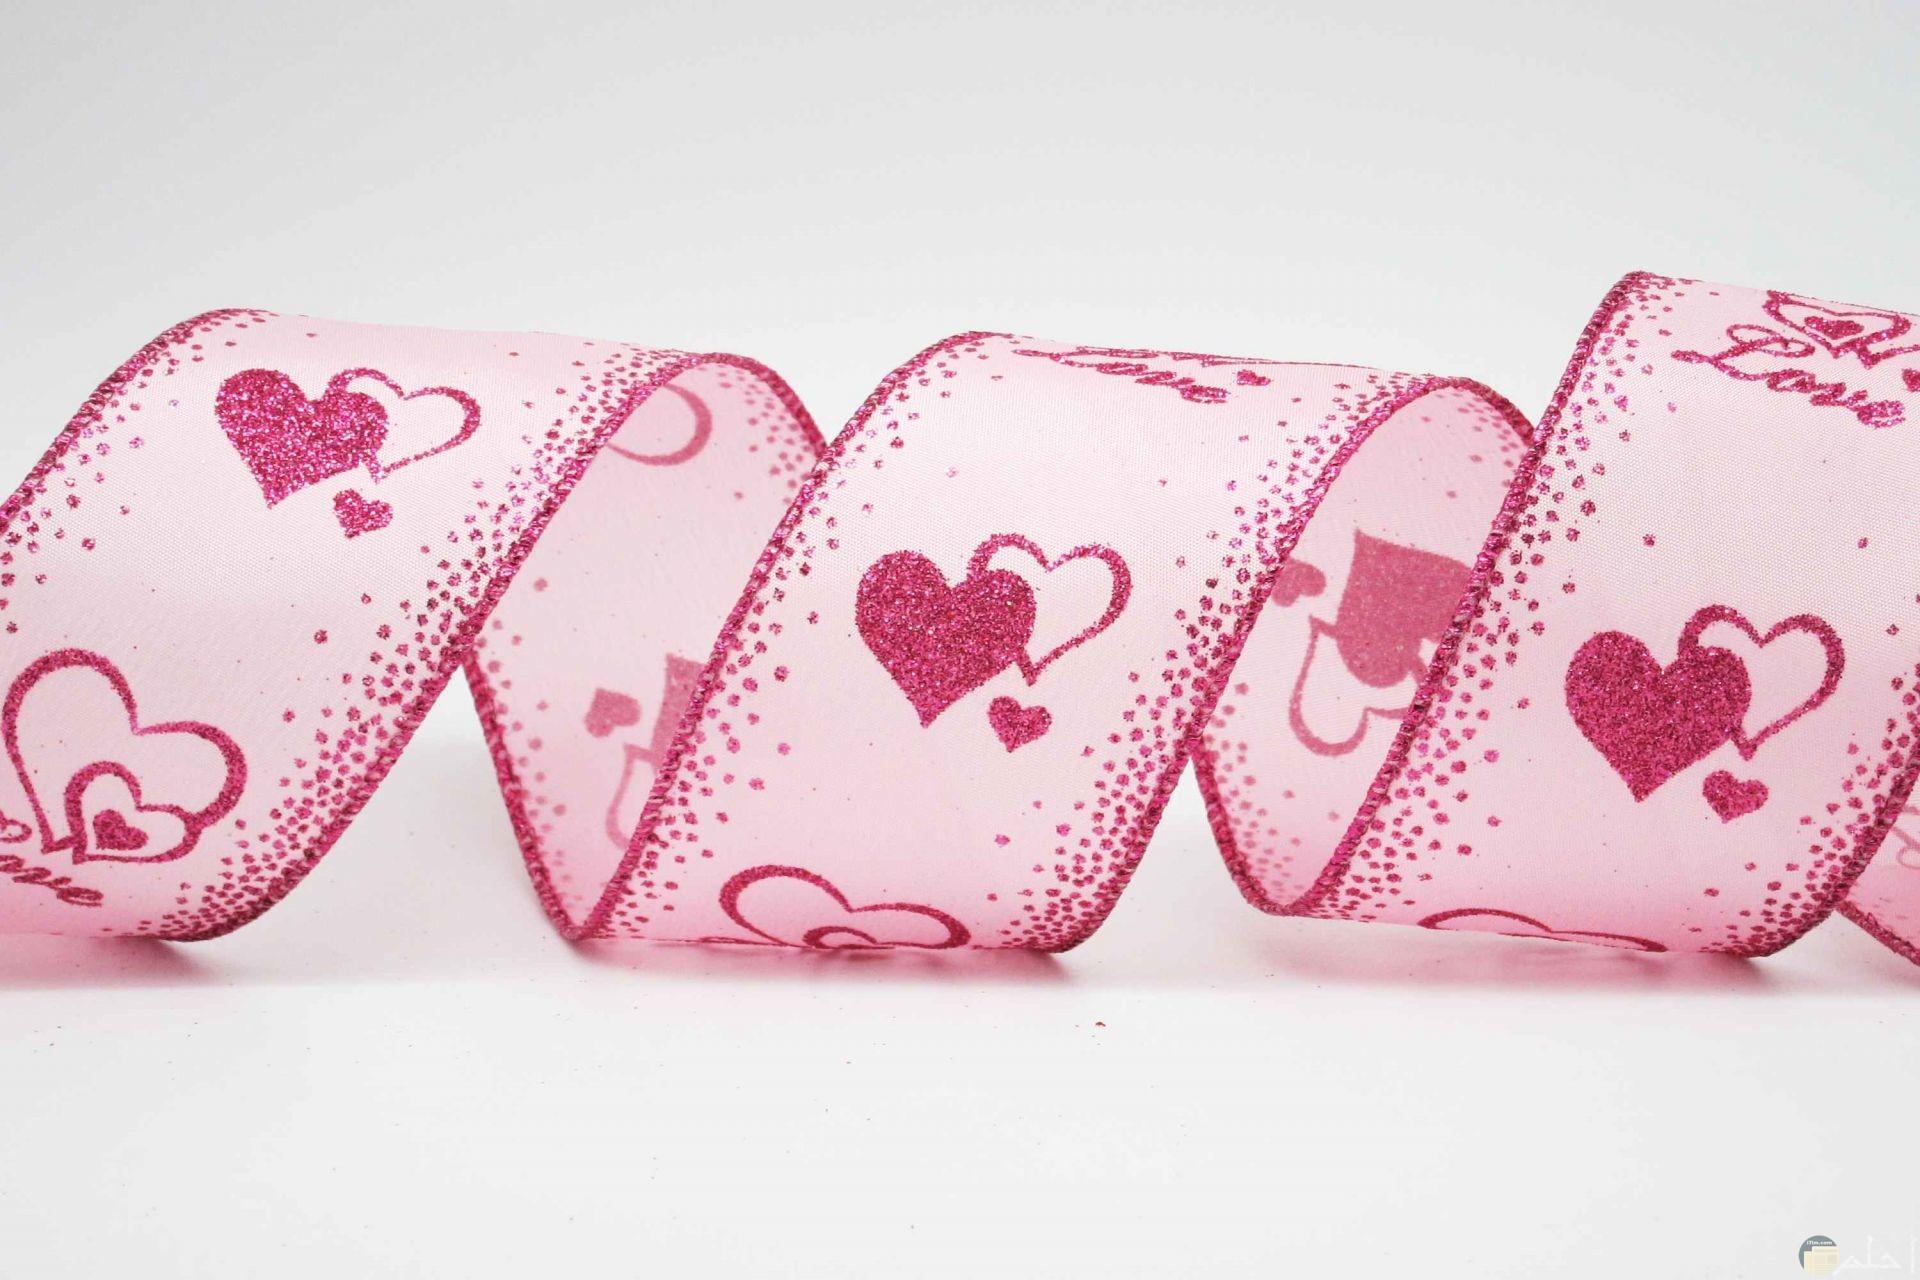 شريط بمبي به رسم قلوب وردية و بينك رائعة.